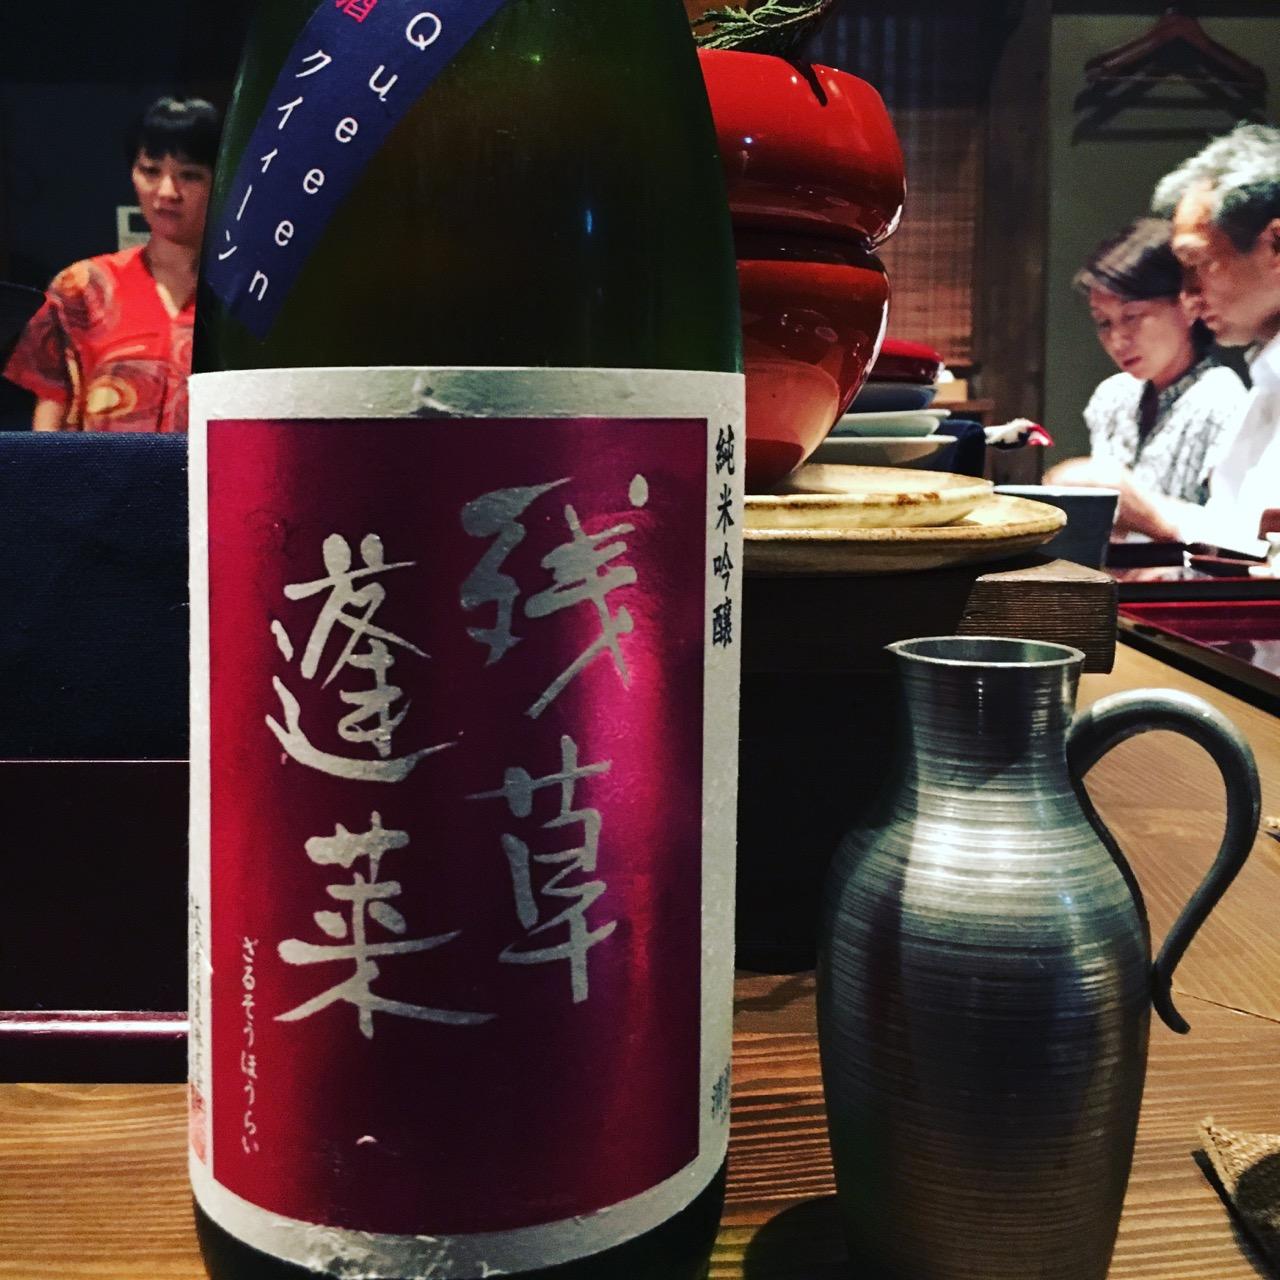 残草蓬莱(ざるそうほうらい)純米吟醸 槽場直詰生原酒 クイーン 日本酒テイスティングノート